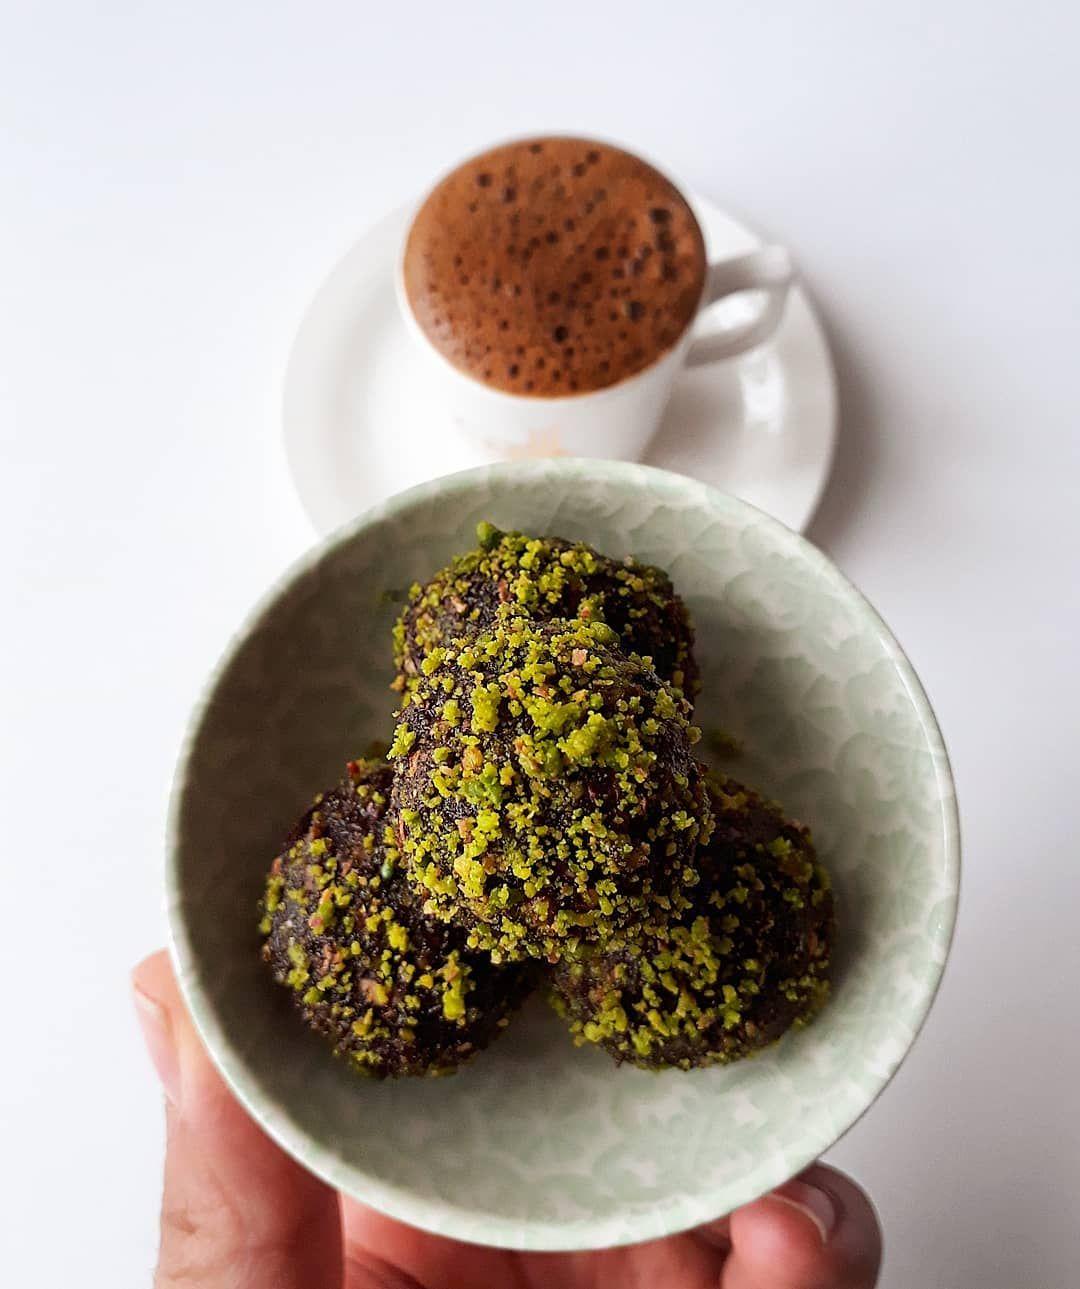 Sade kahvem ve hurma toplarım.😍 . . . . . #araöğün #kahvekeyfi #bolköpüklü  #bolköpüklütürkkahvesi #...